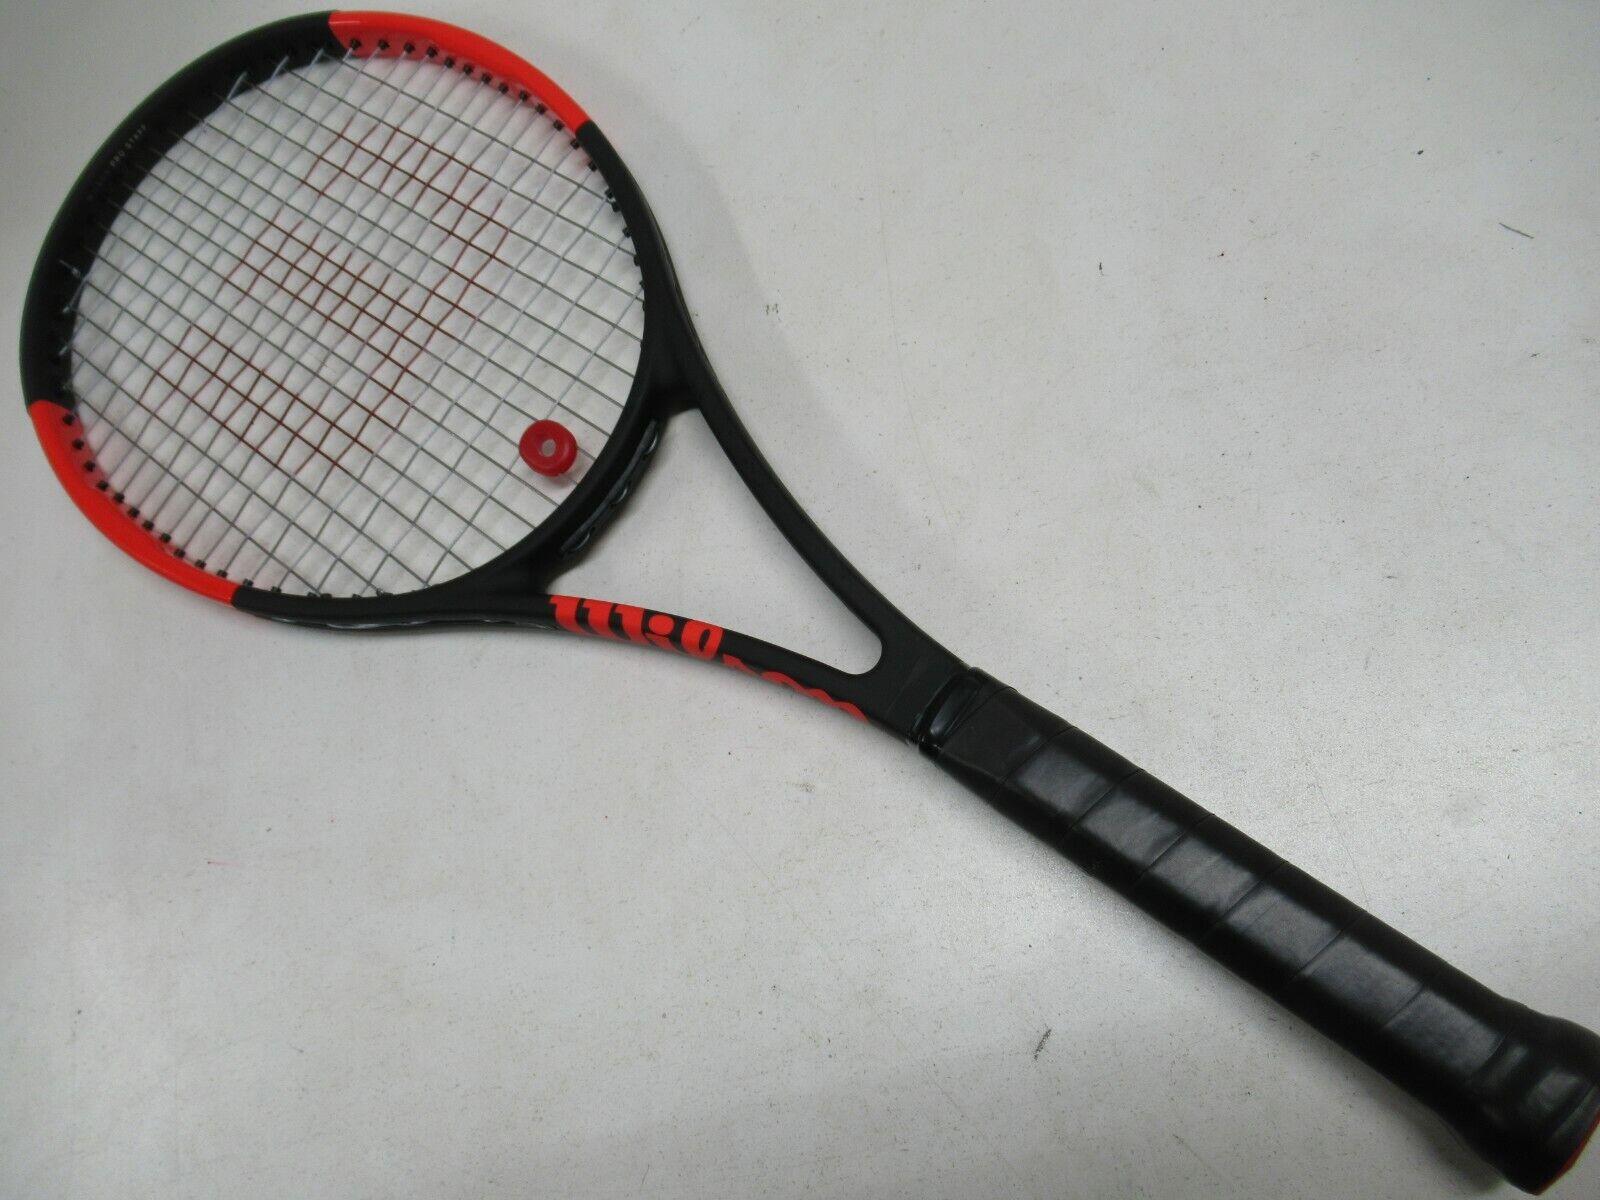 Pro Staff Wilson 97 (Negro Rojo) tenis raqueta (4 1 4) distribuidor autorizado de demostración